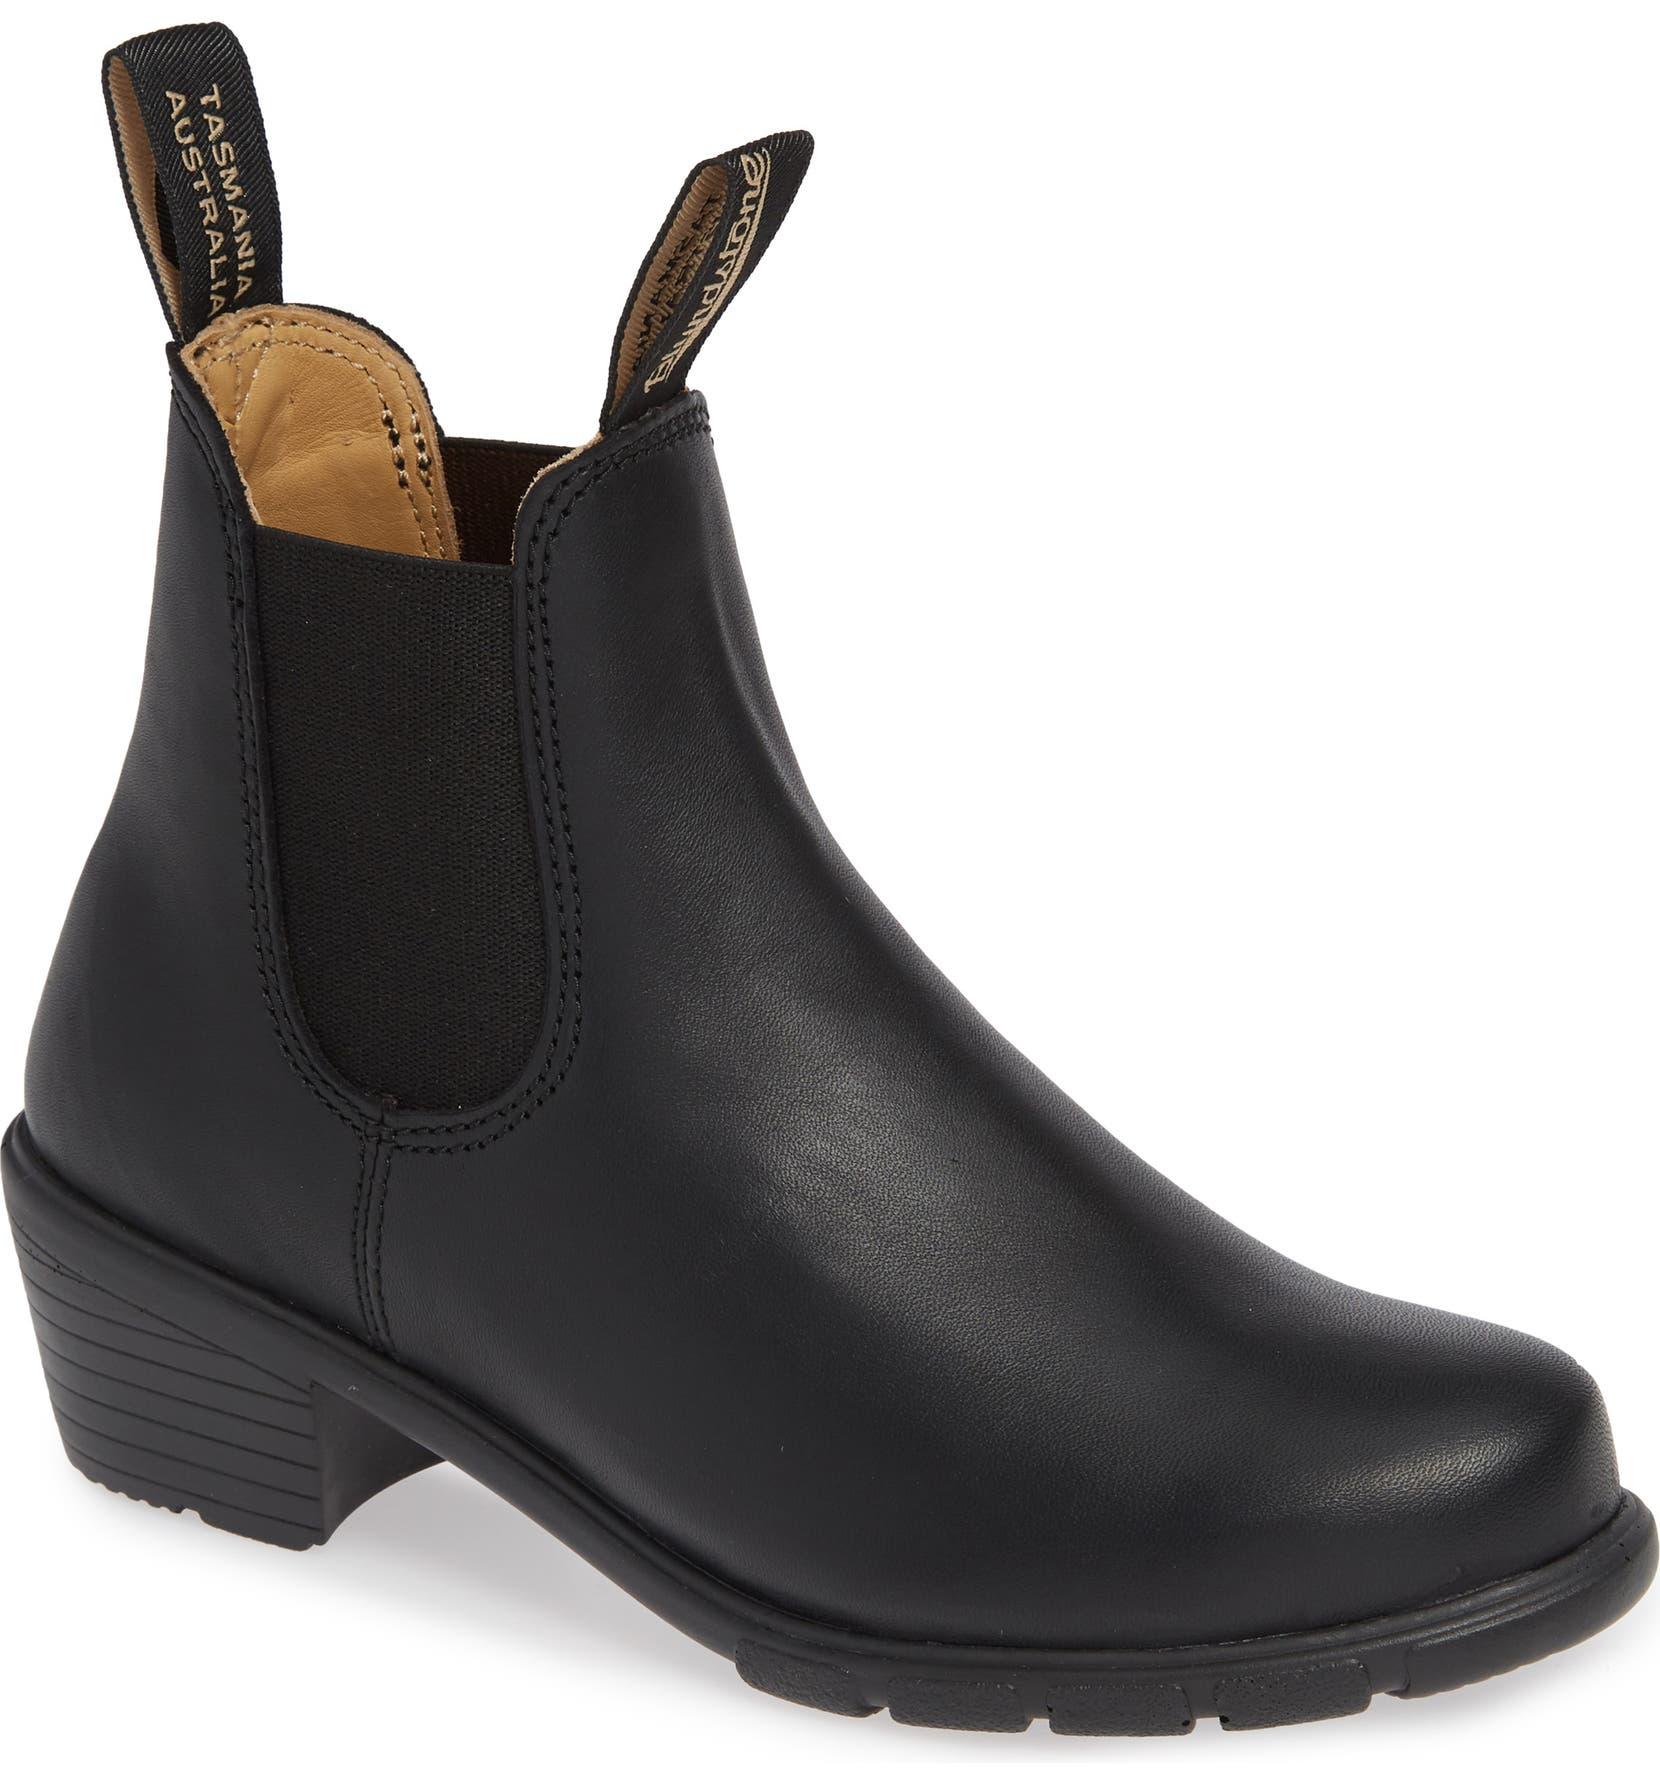 e07bd8127 Blundstone 1671 Chelsea Boot (Women)   Nordstrom